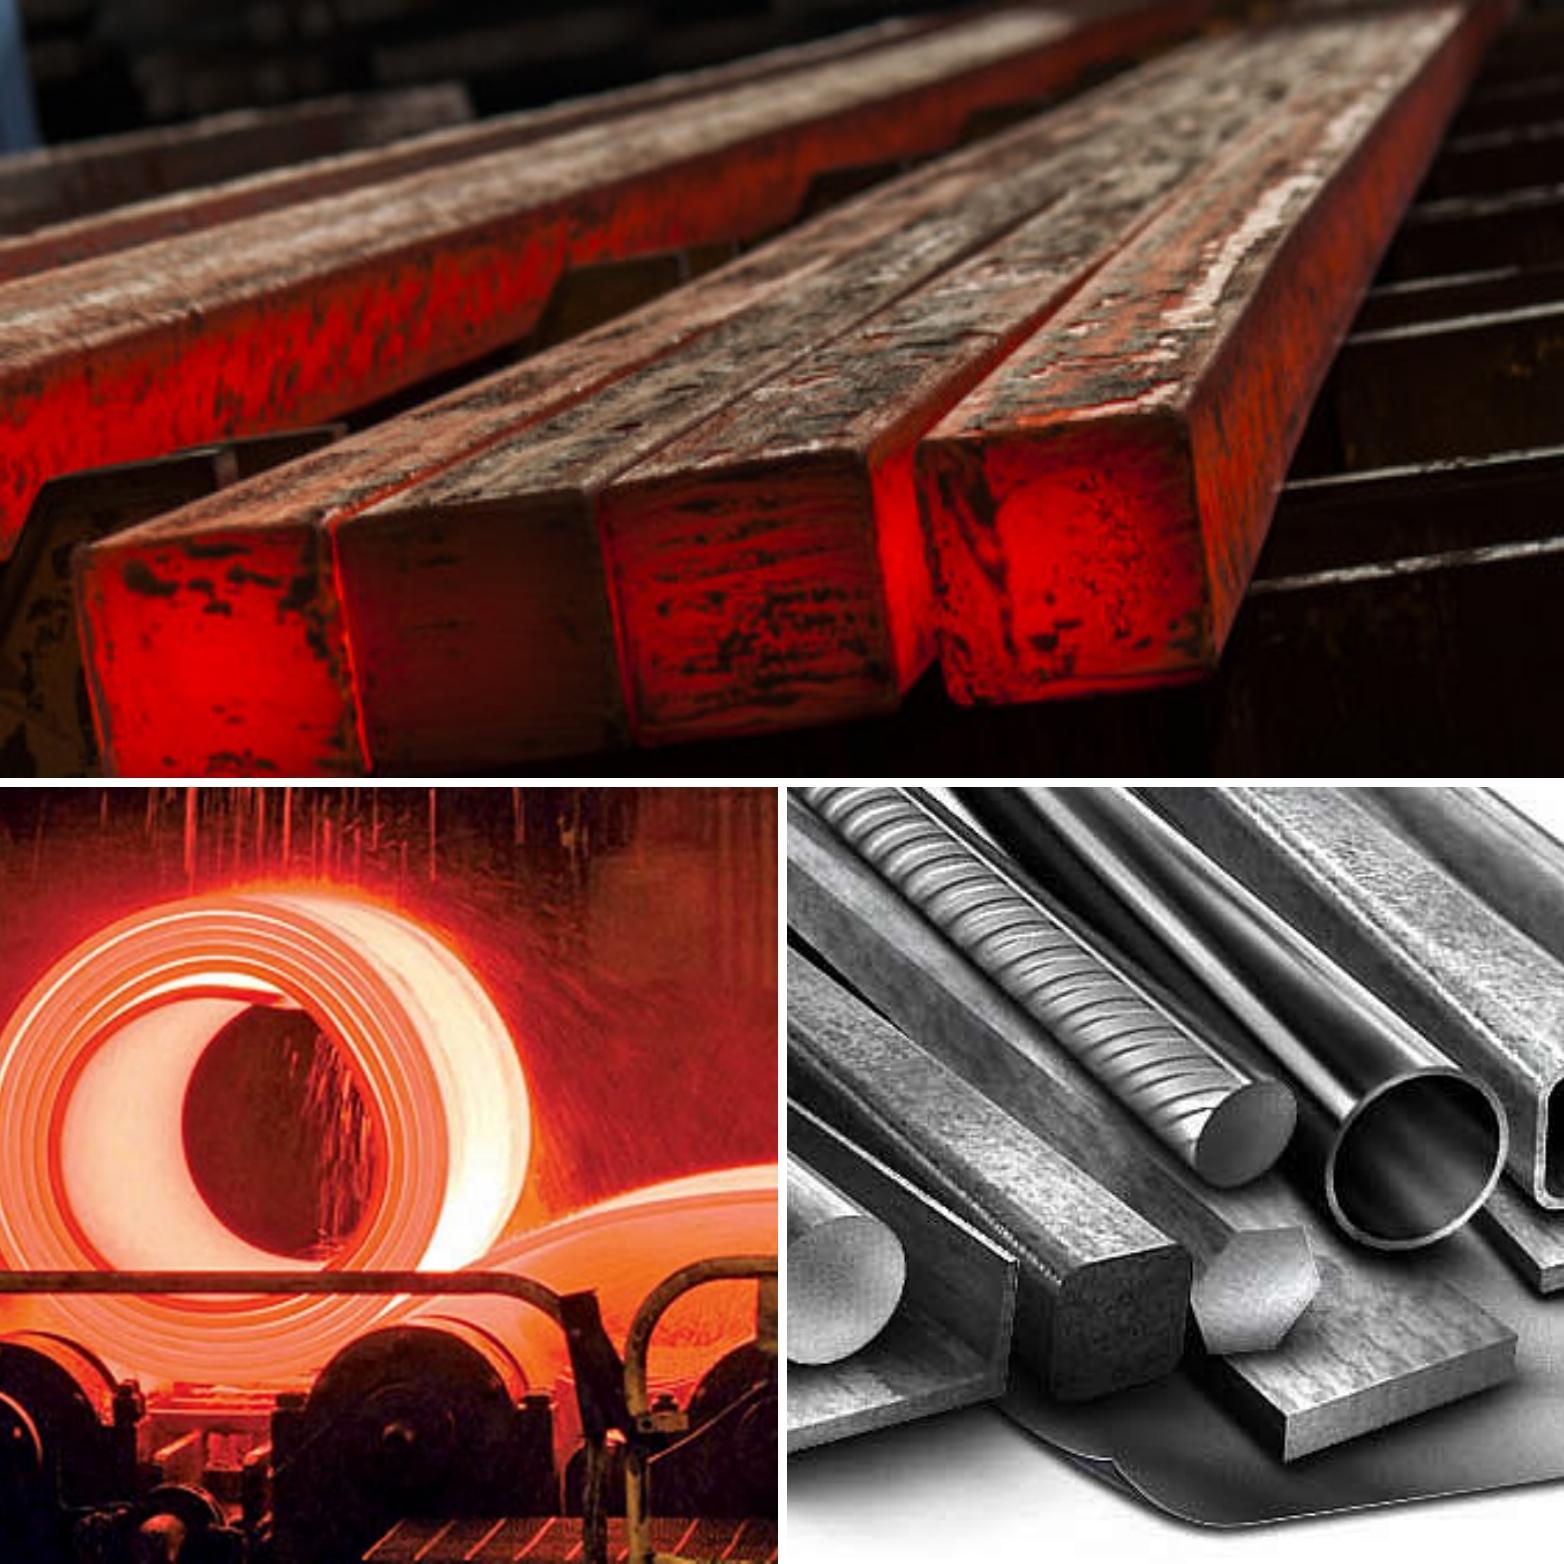 تولید شمش فولاد فولادسازان بزرگ کشور 1.7 میلیون تن شد/ تولید بیش از 960 هزار تن محصول فولادی در فروردین ماه امسال